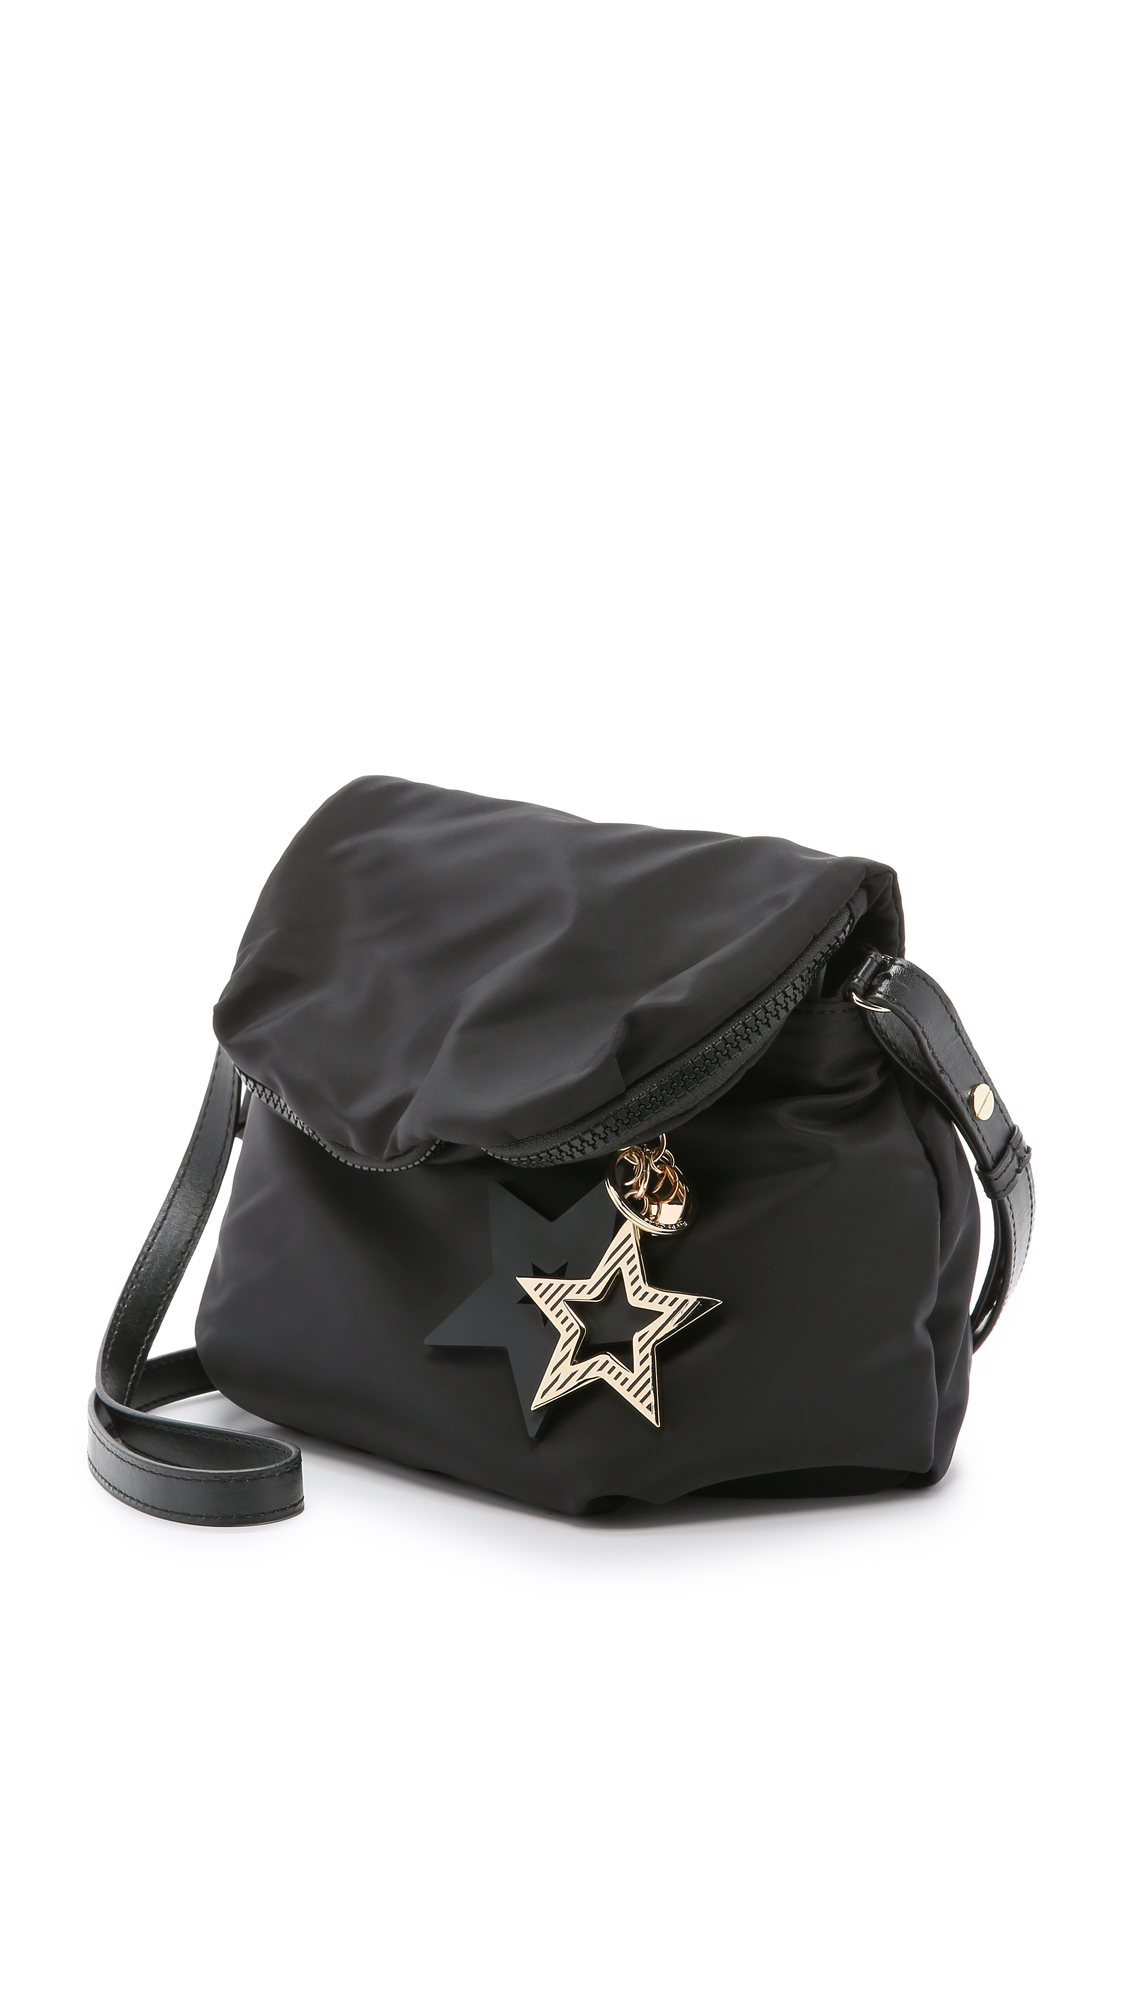 276f22a113cc Lyst - See By Chloé Joy Rider Cross-Body Bag in Black